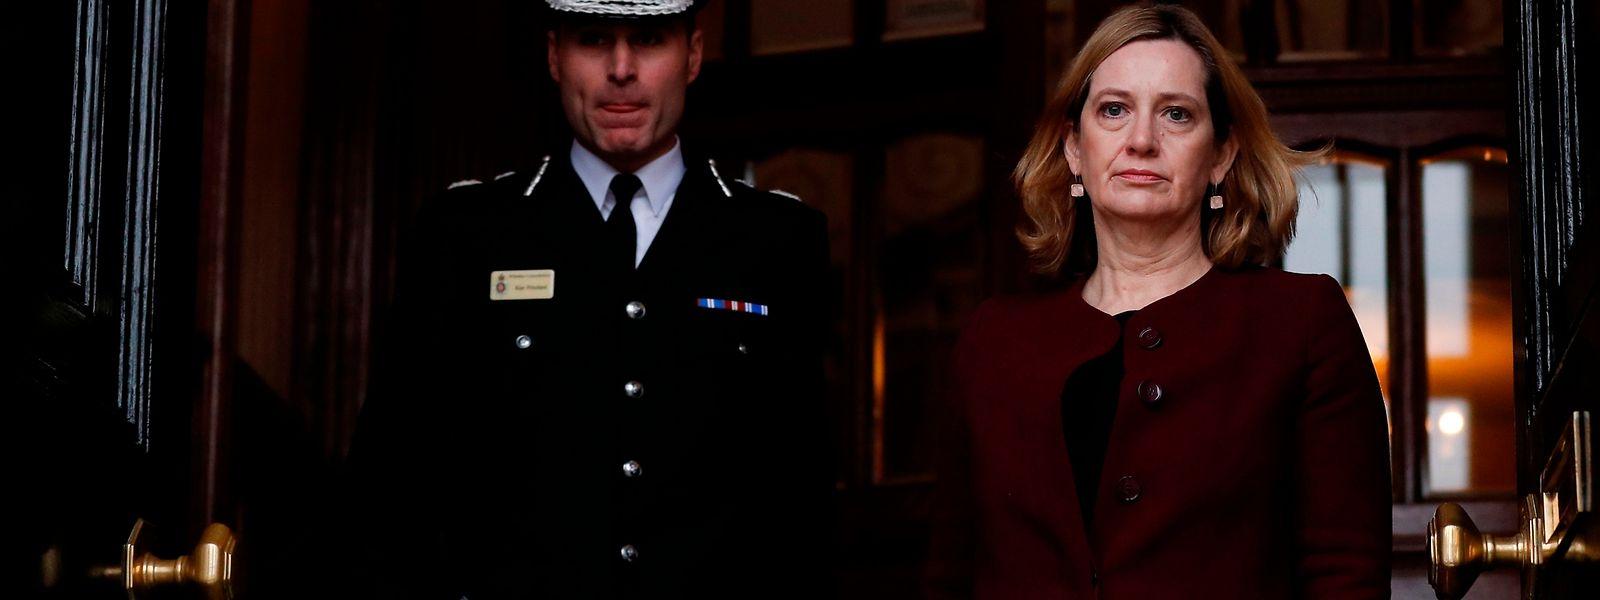 Die britische Innenministerin Amber Rudd will, dass die Ermittlungen im Fall Sergej Skripal schnell vorangehen.